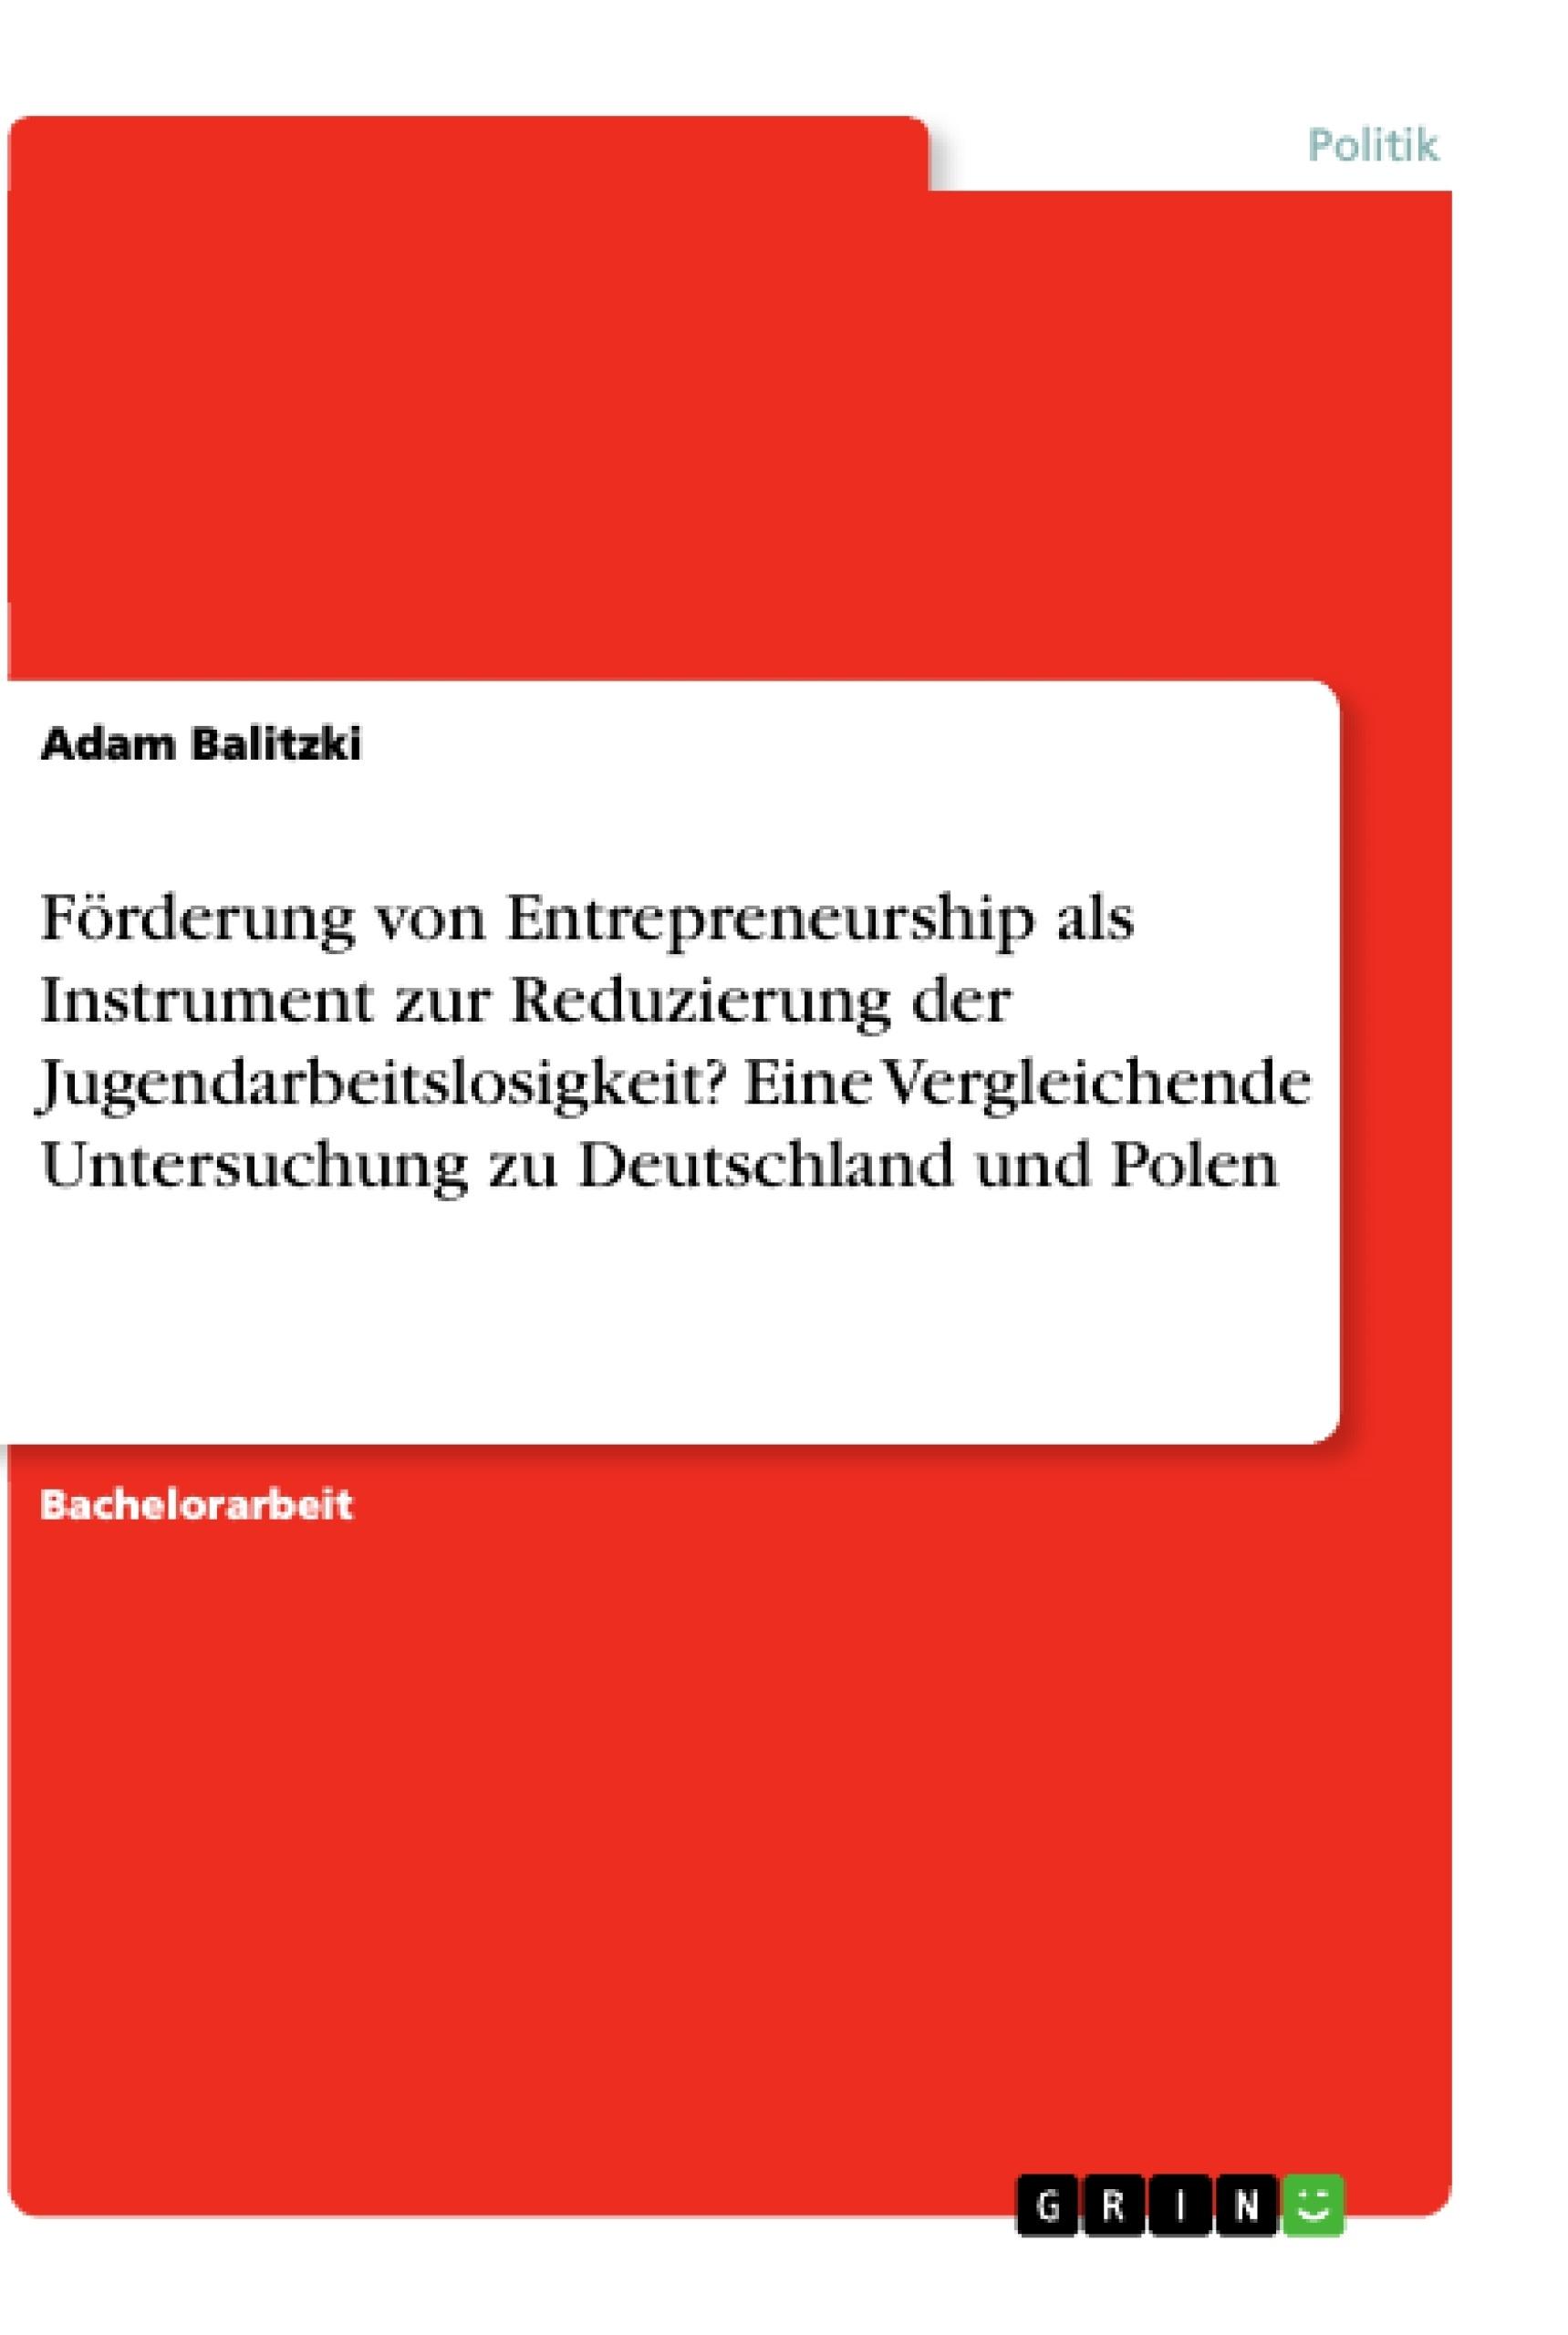 Titel: Förderung von Entrepreneurship als Instrument zur Reduzierung der Jugendarbeitslosigkeit? Eine Vergleichende Untersuchung zu Deutschland und Polen